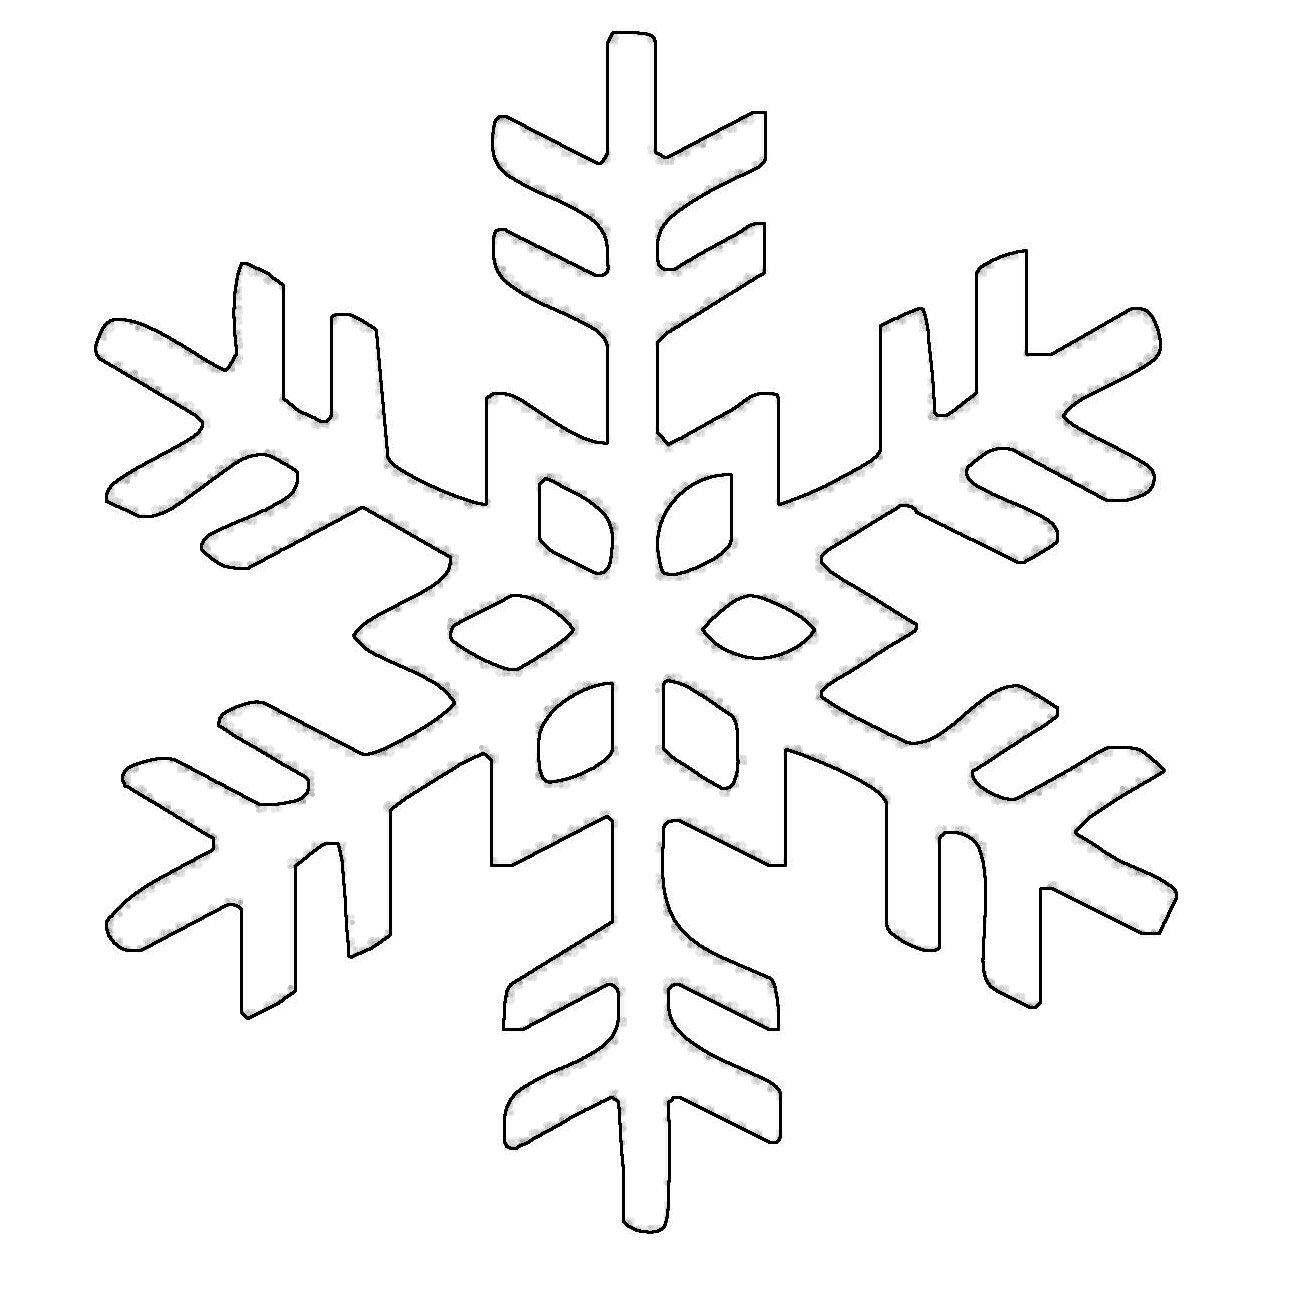 Die Besten Ideen Fur Malvorlagen Schneeflocken Bastelideenweihnachten Die Besten Idee Christmas Projects Diy Dance Coloring Pages Printable Snowflake Template